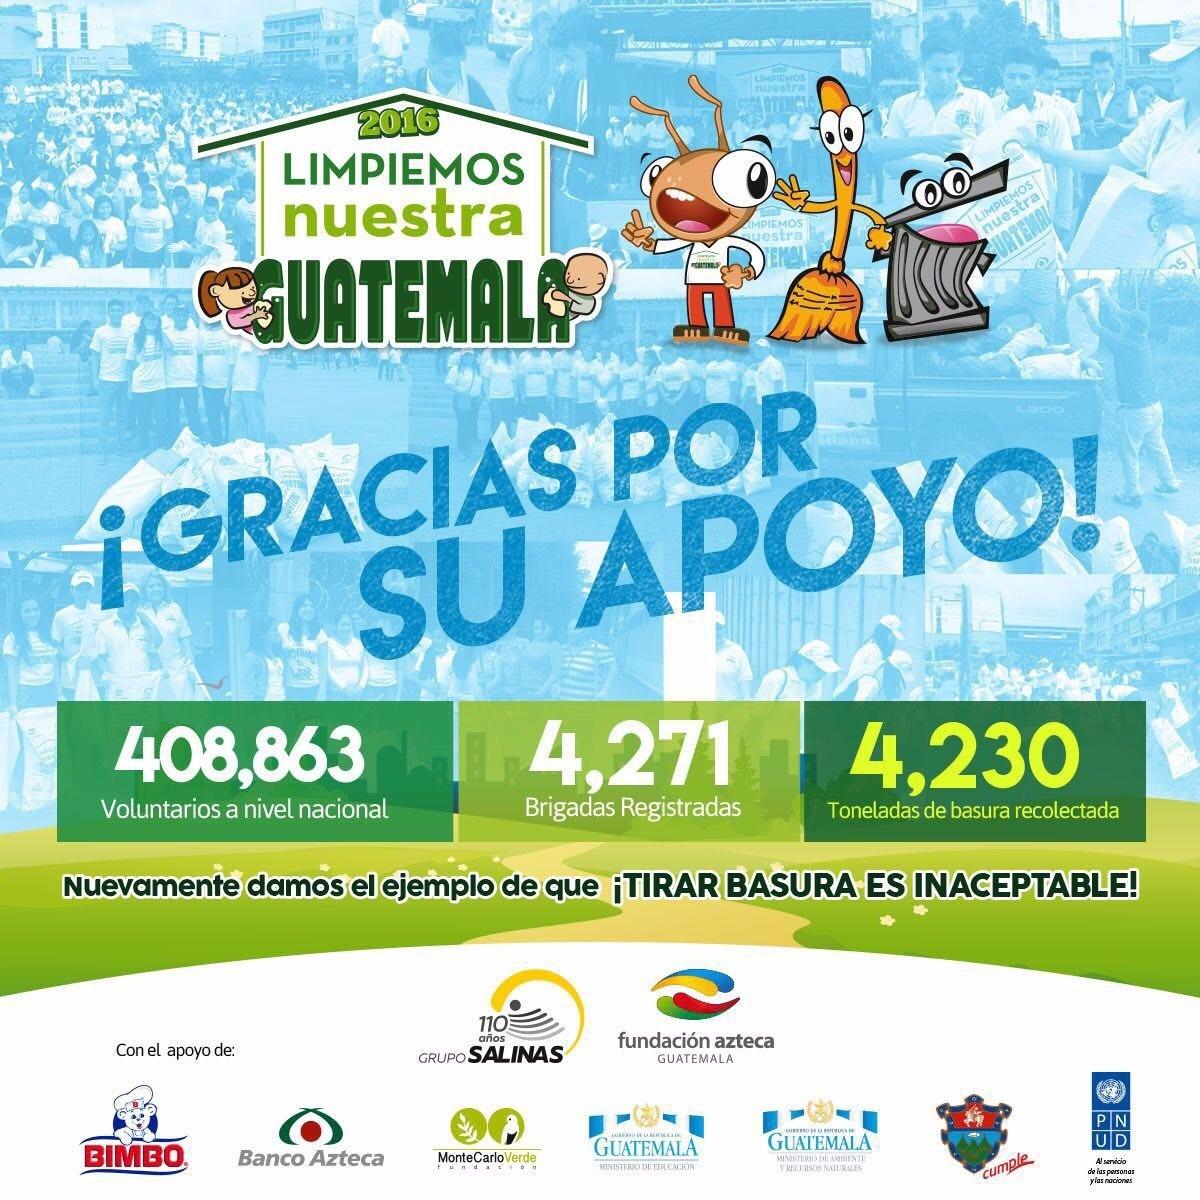 Limpiemos Nuestra Guatemala 2016